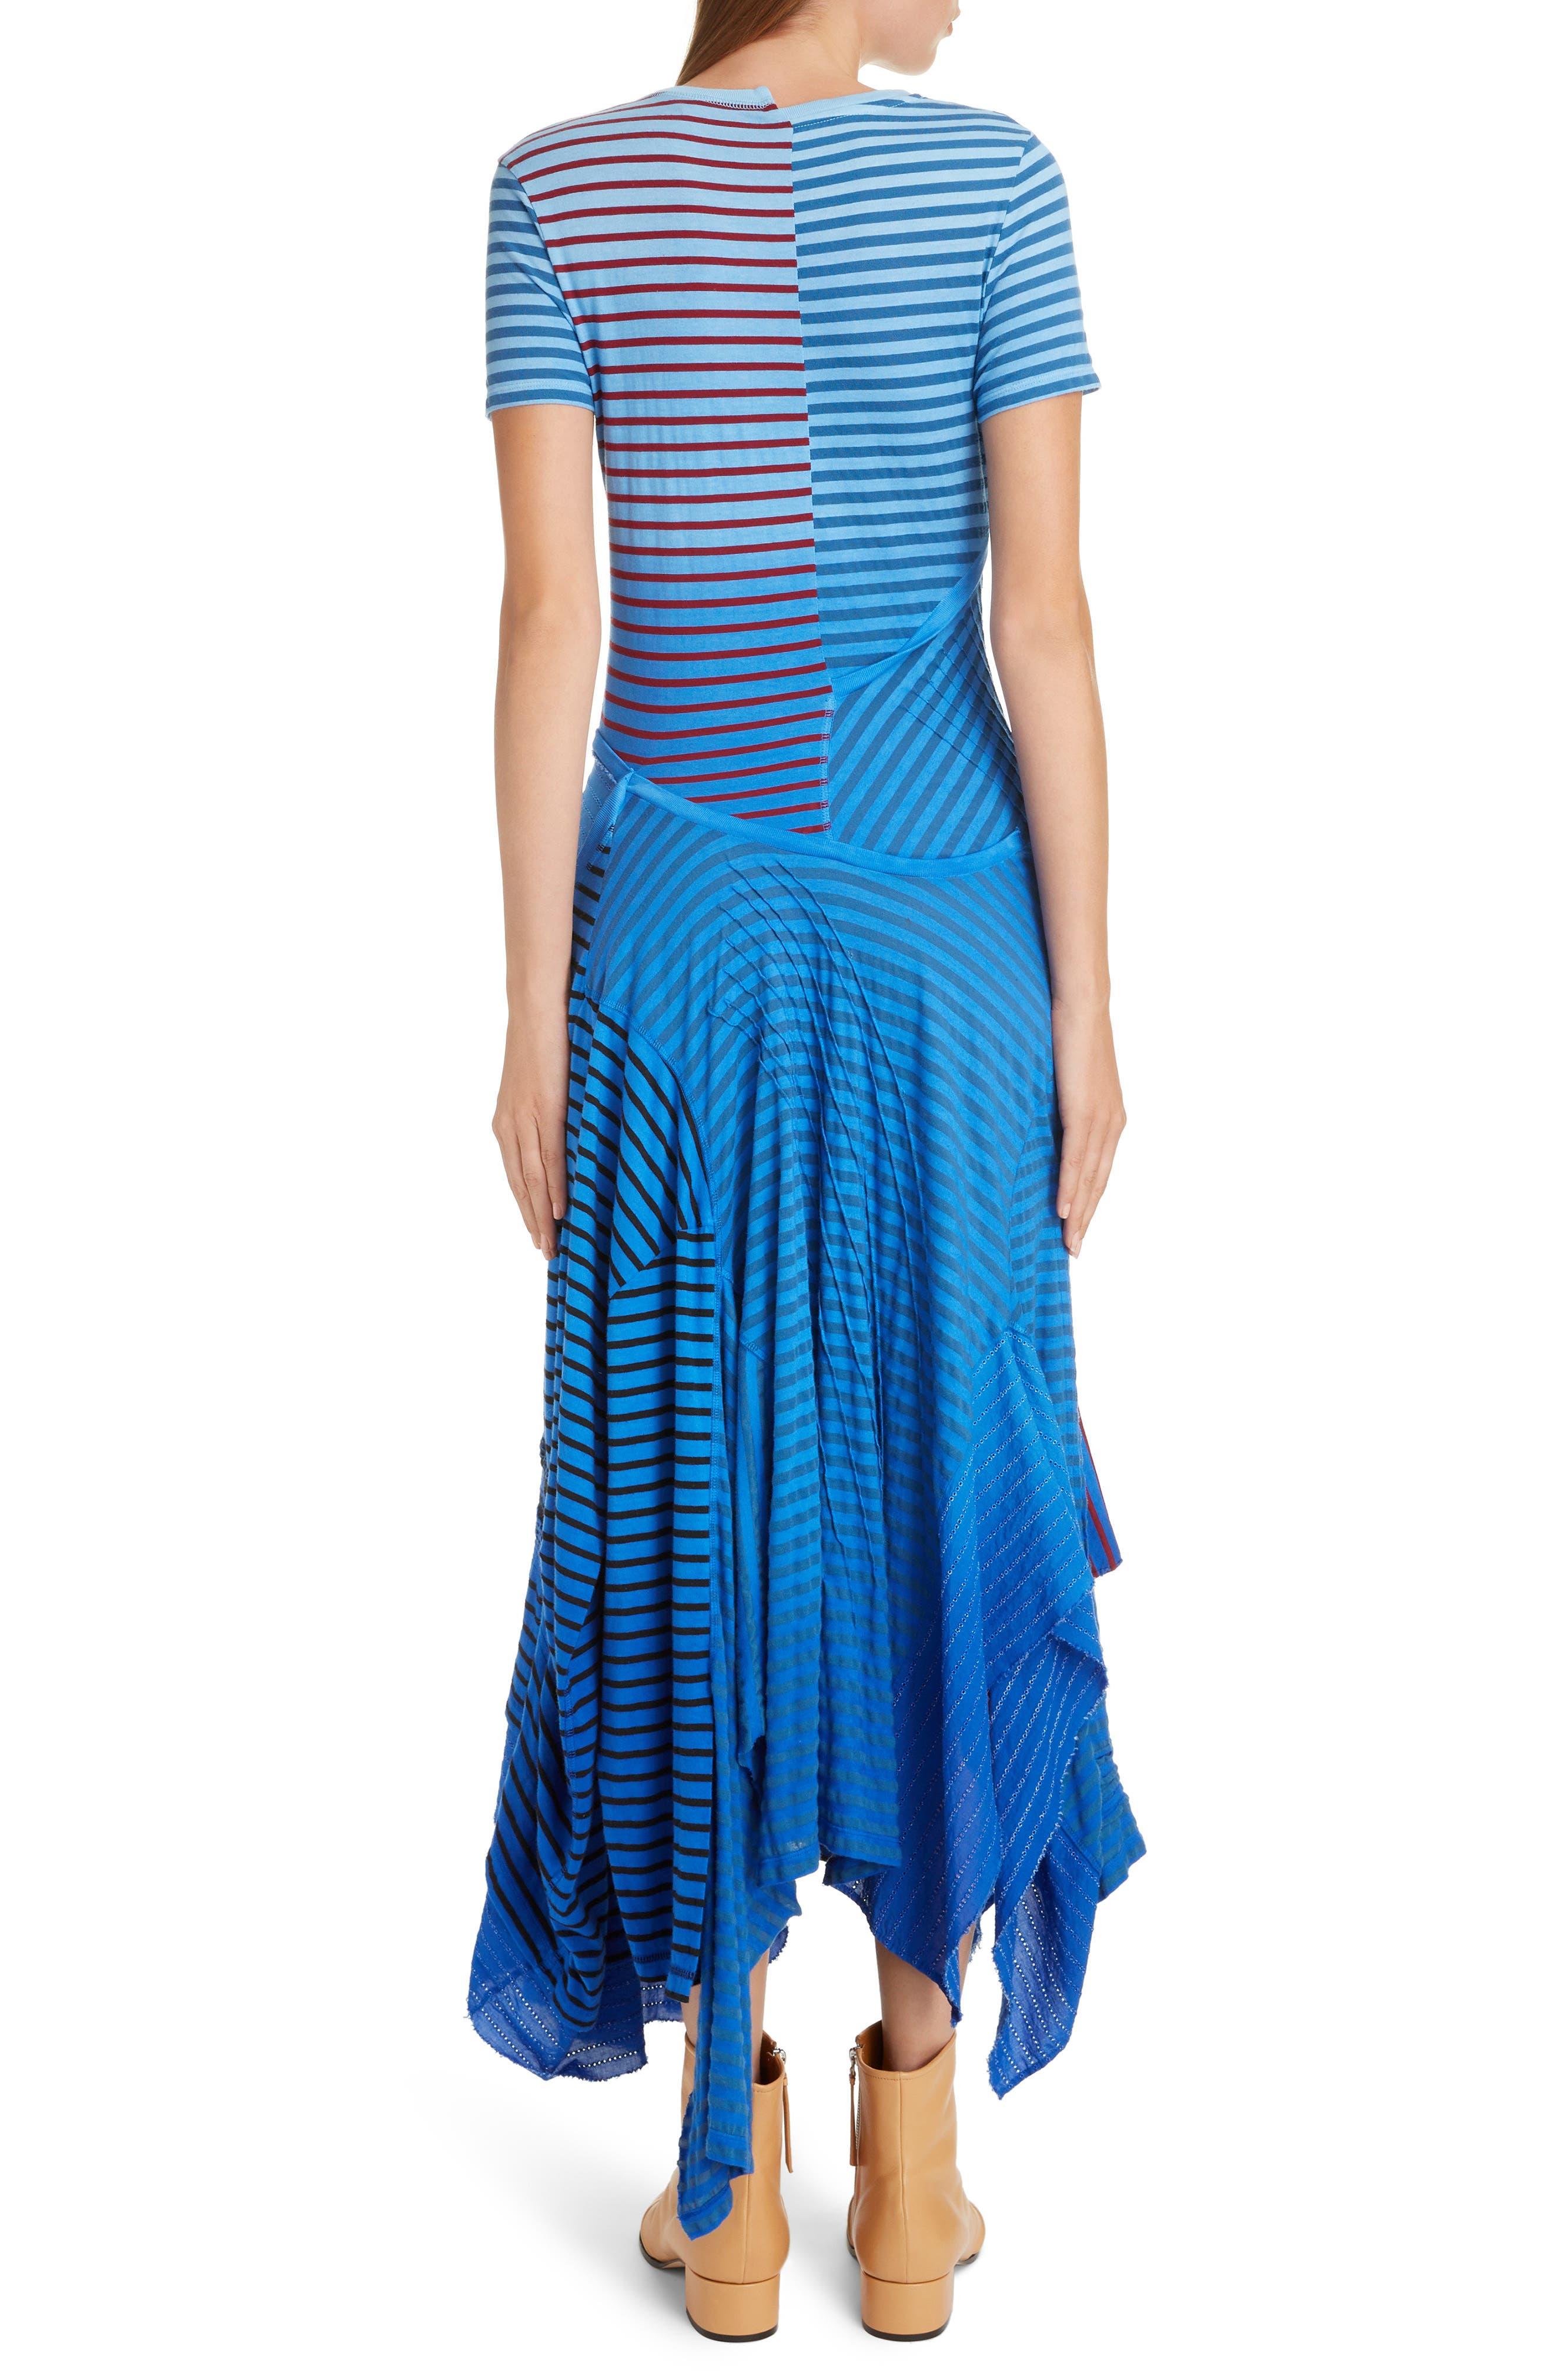 LOEWE,                             Stripe Tie Dye Asymmetrical Dress,                             Alternate thumbnail 2, color,                             5100 BLUE